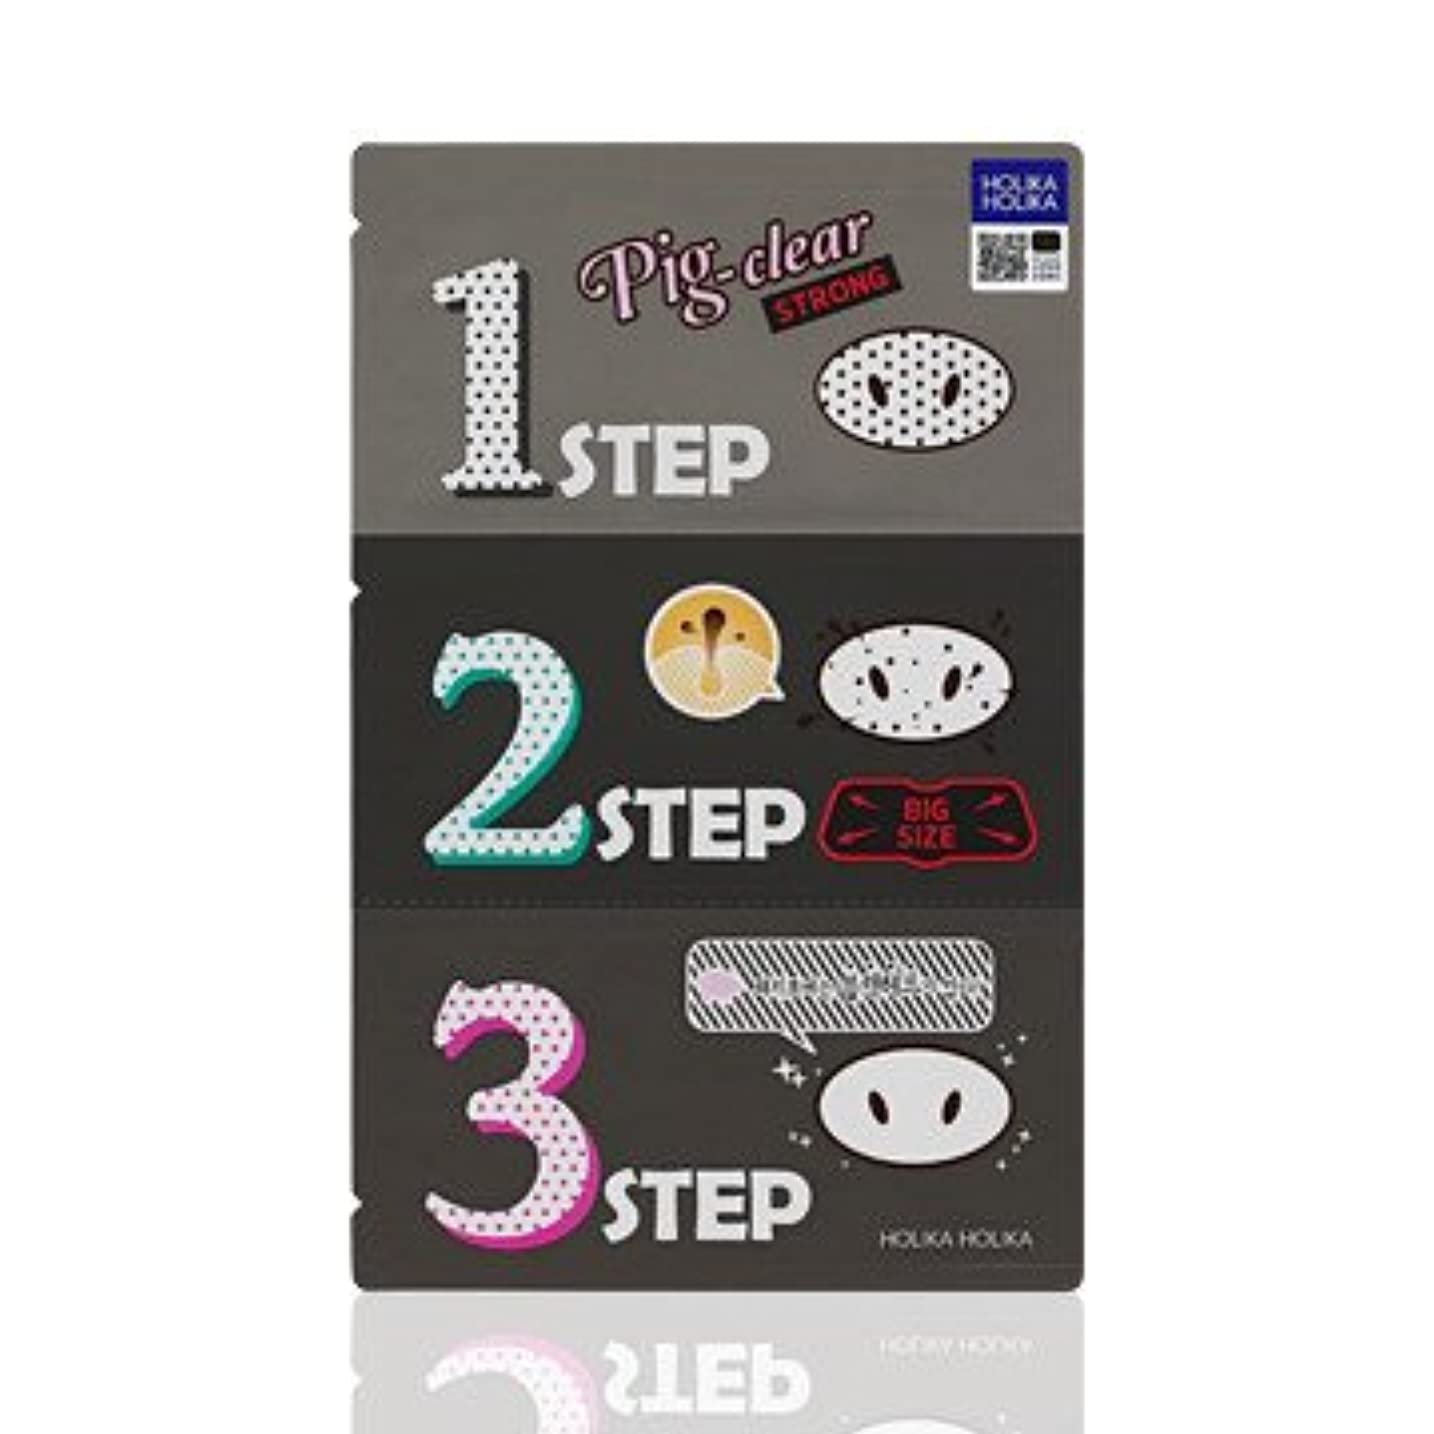 億生まれペースHolika Holika Pig Nose Clear Black Head 3-Step Kit 3EA